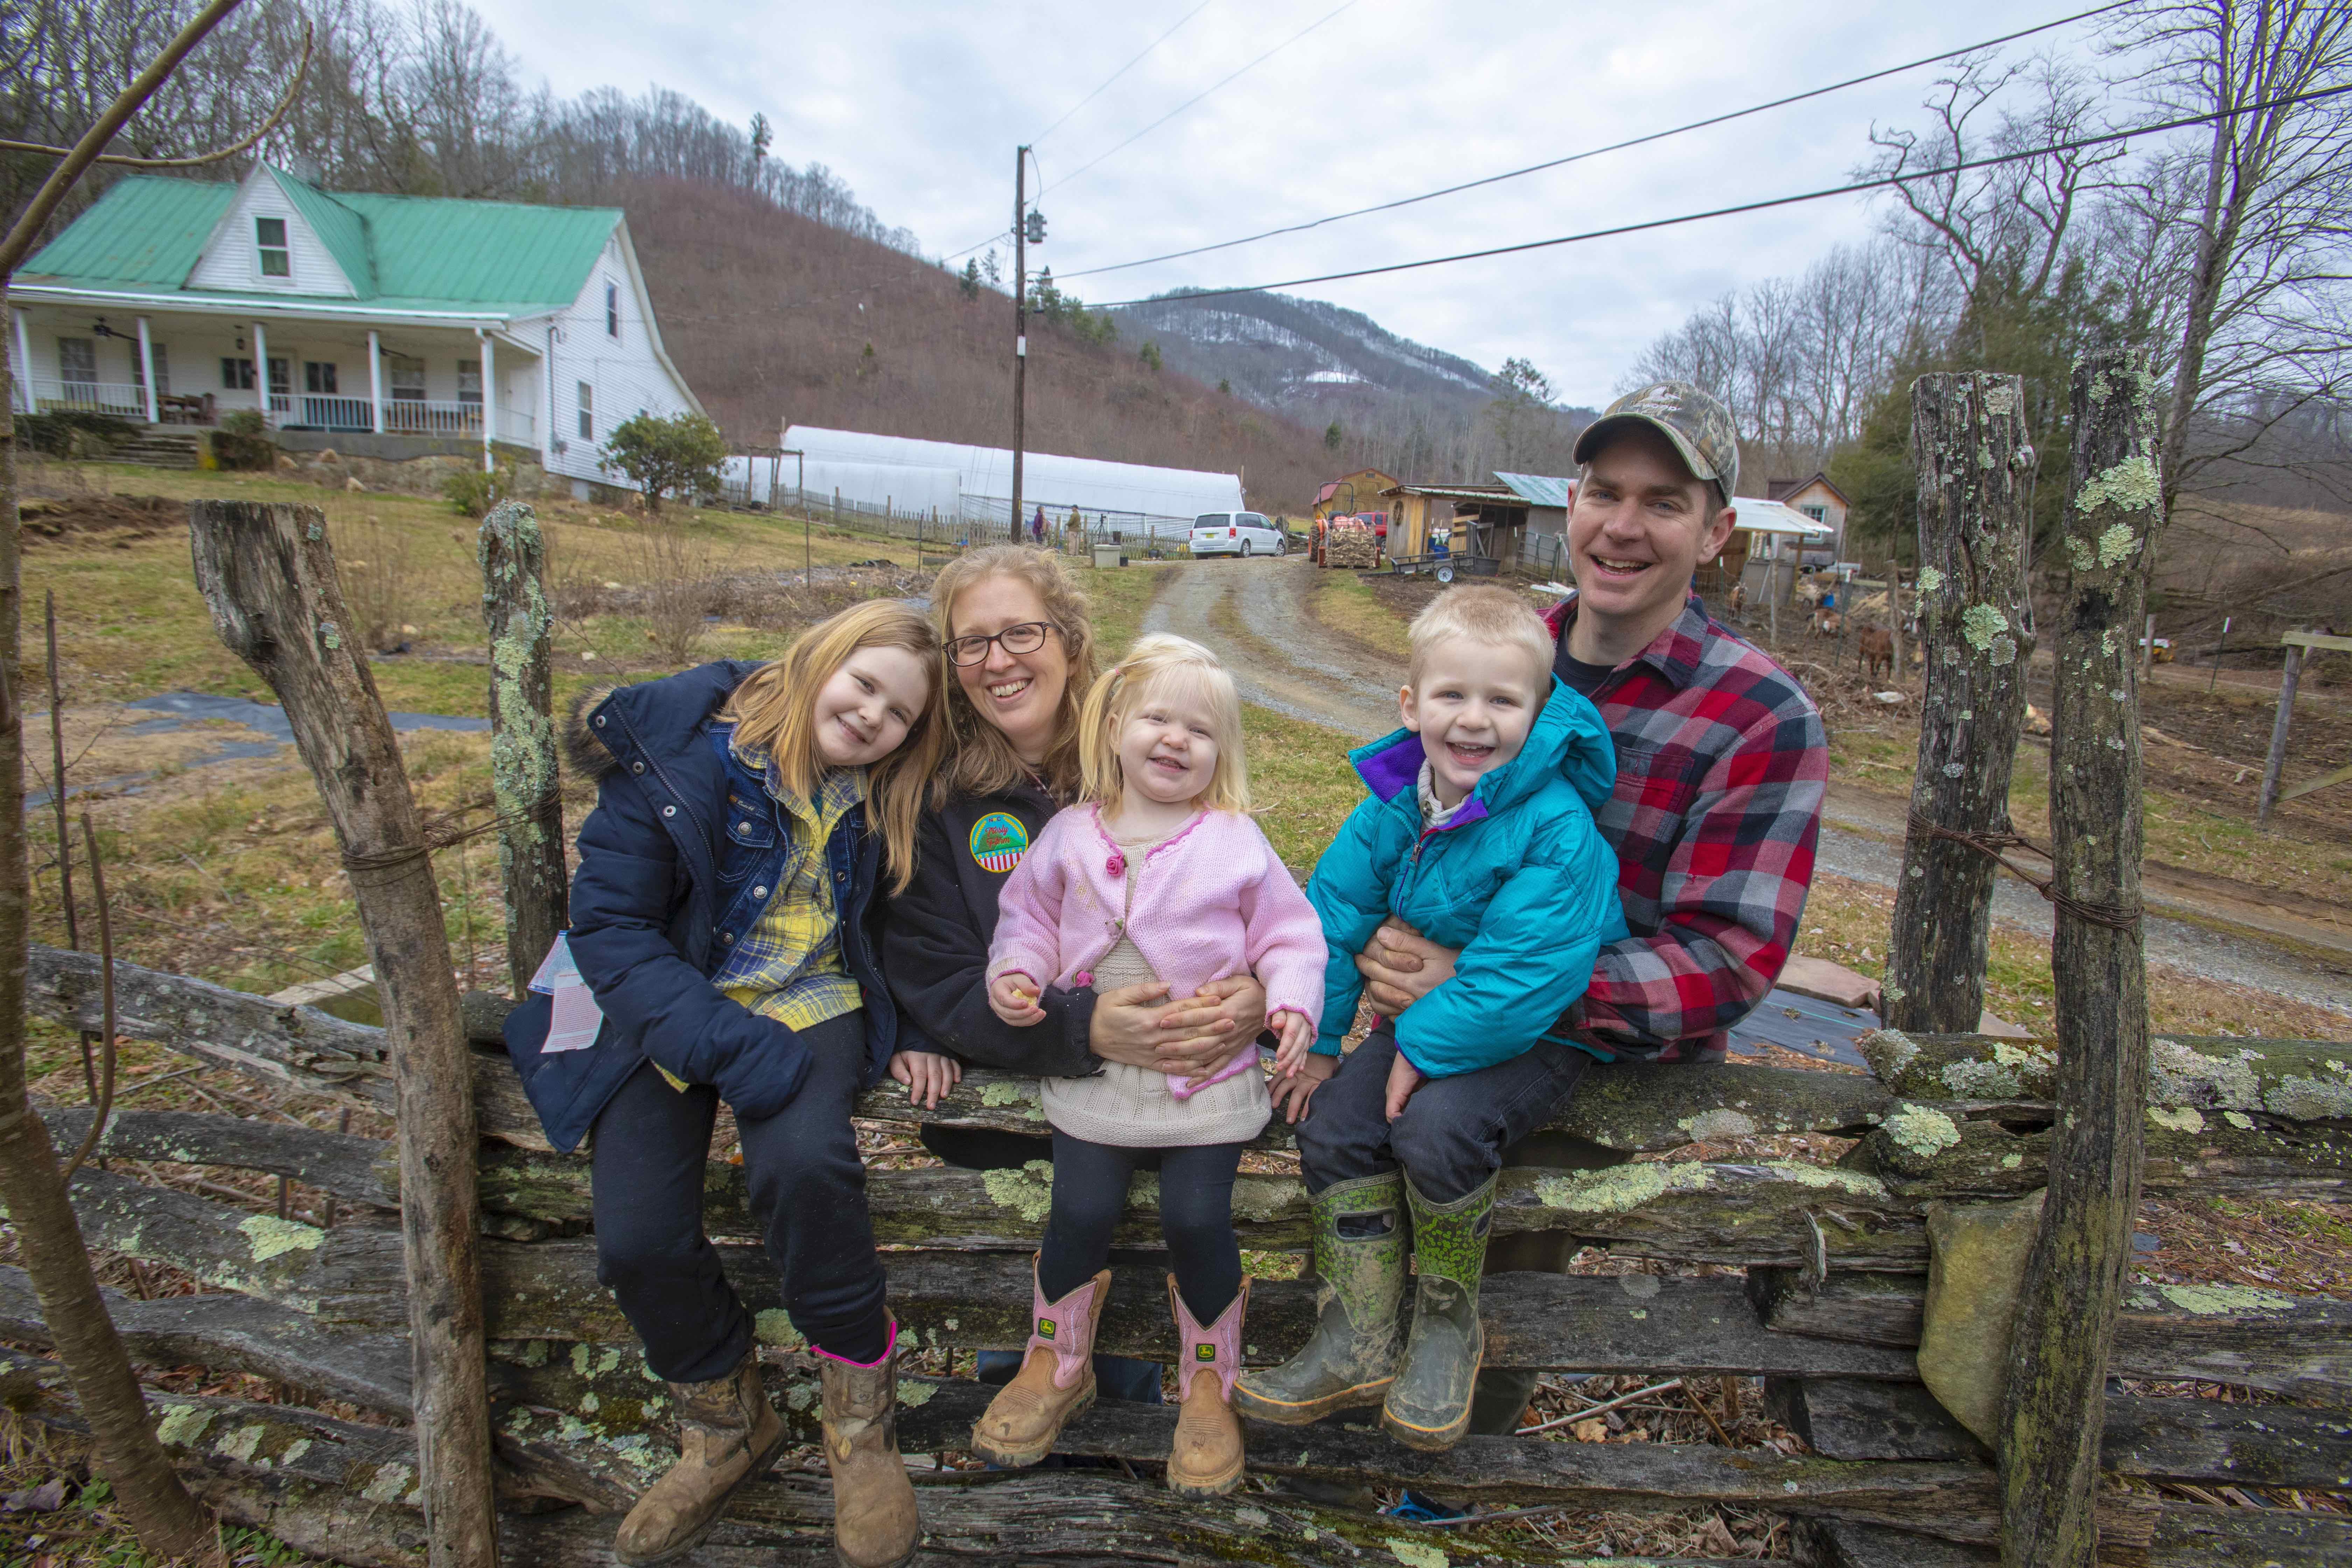 Nidiffer family onTrosly Farm